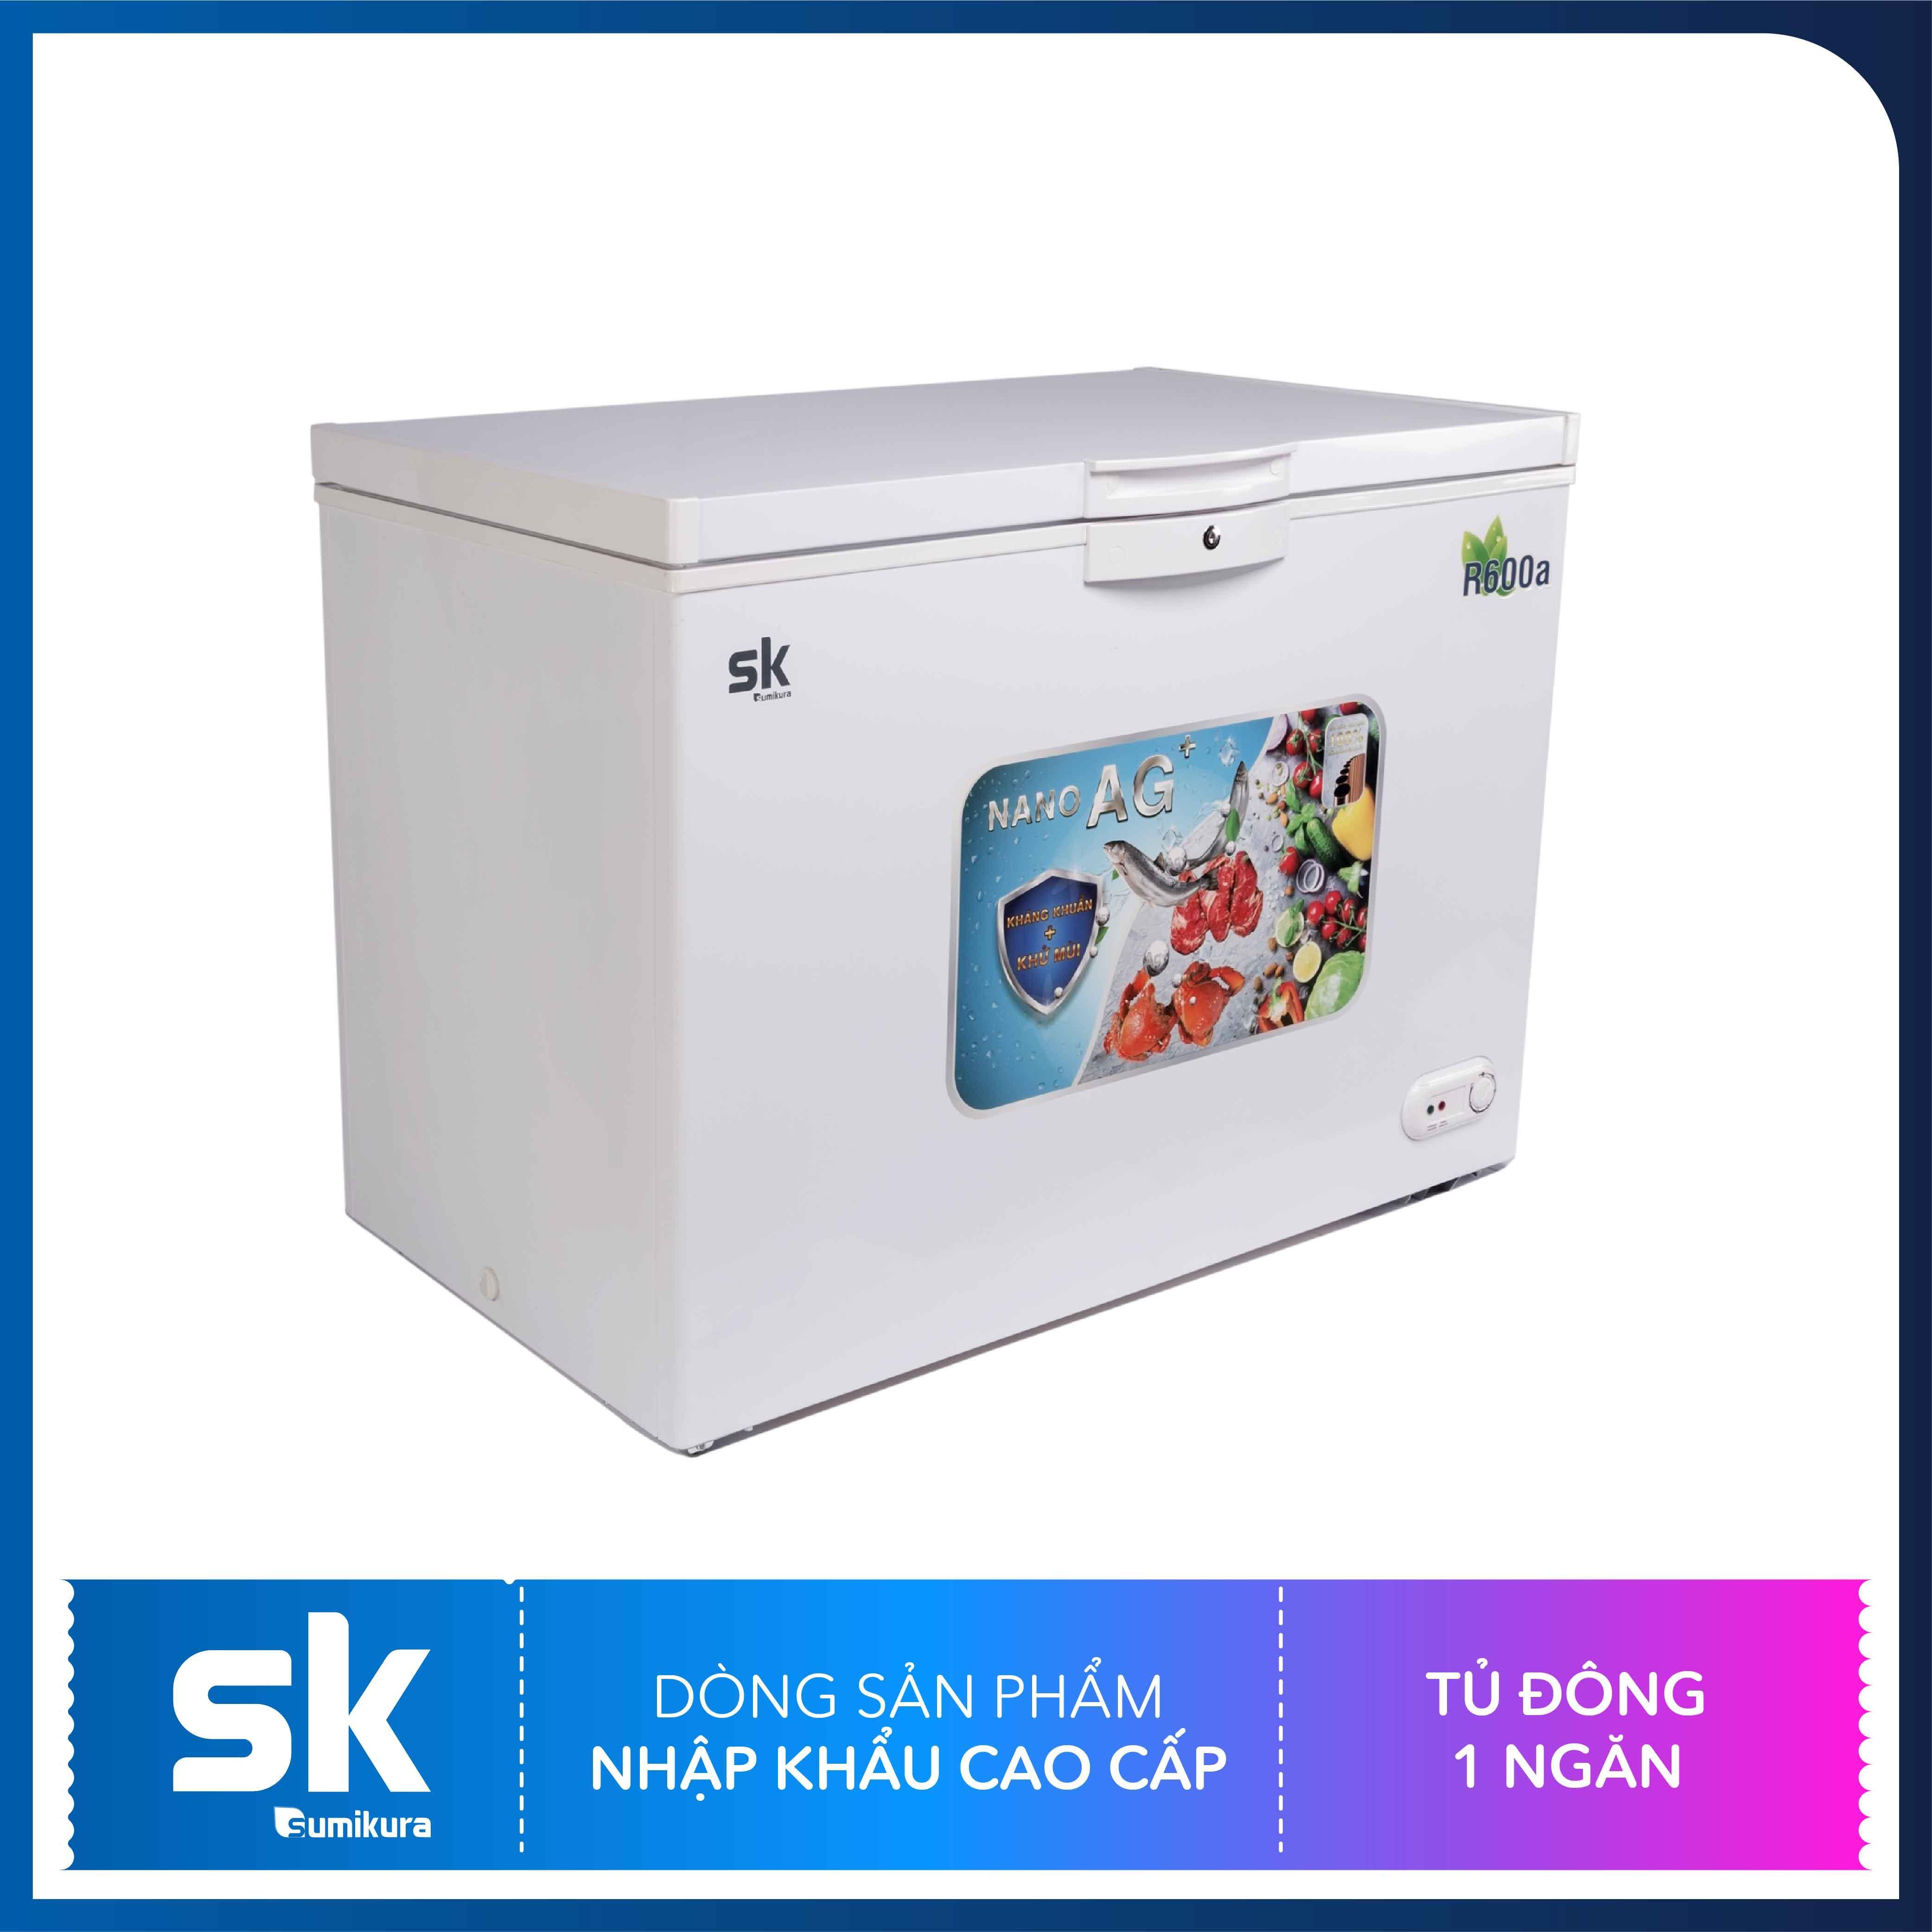 Bảng giá Tủ đông 1 ngăn 240 Lít Sumikura SKFCS-240 Điện máy Pico